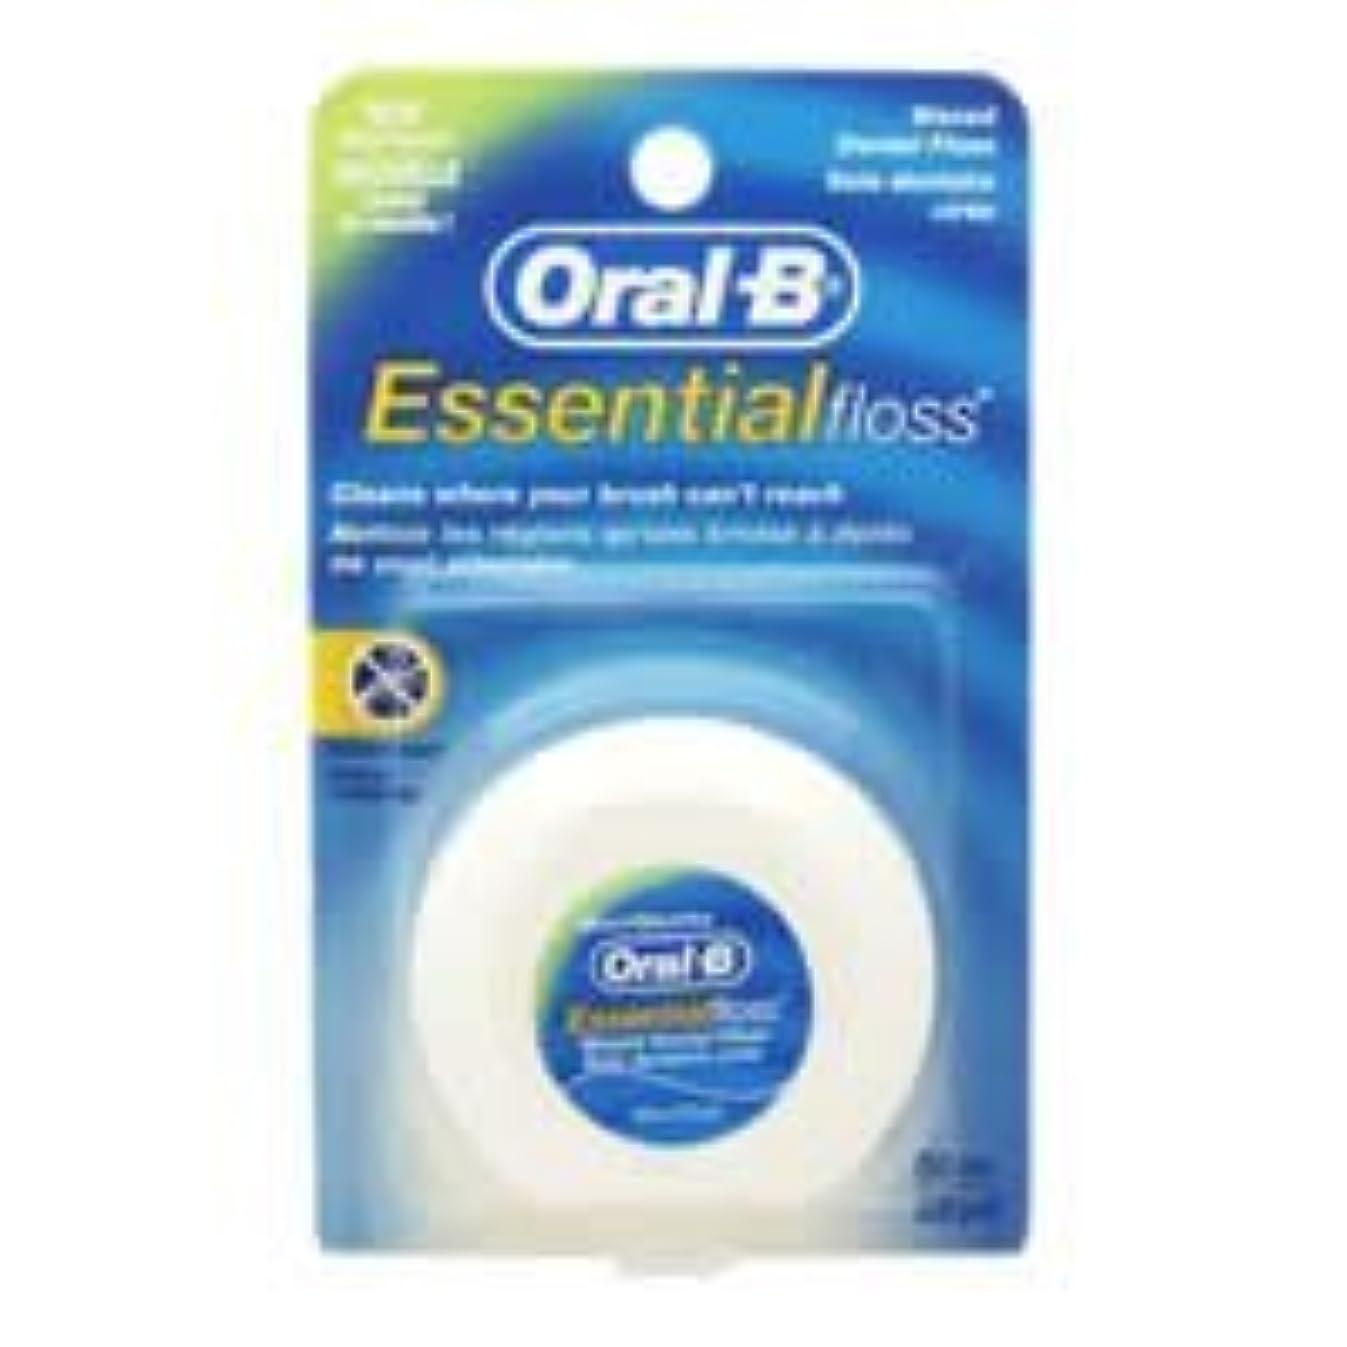 マインド密接に受取人Oral-B Essential Waxed Dental Floss Mint by Oral-B